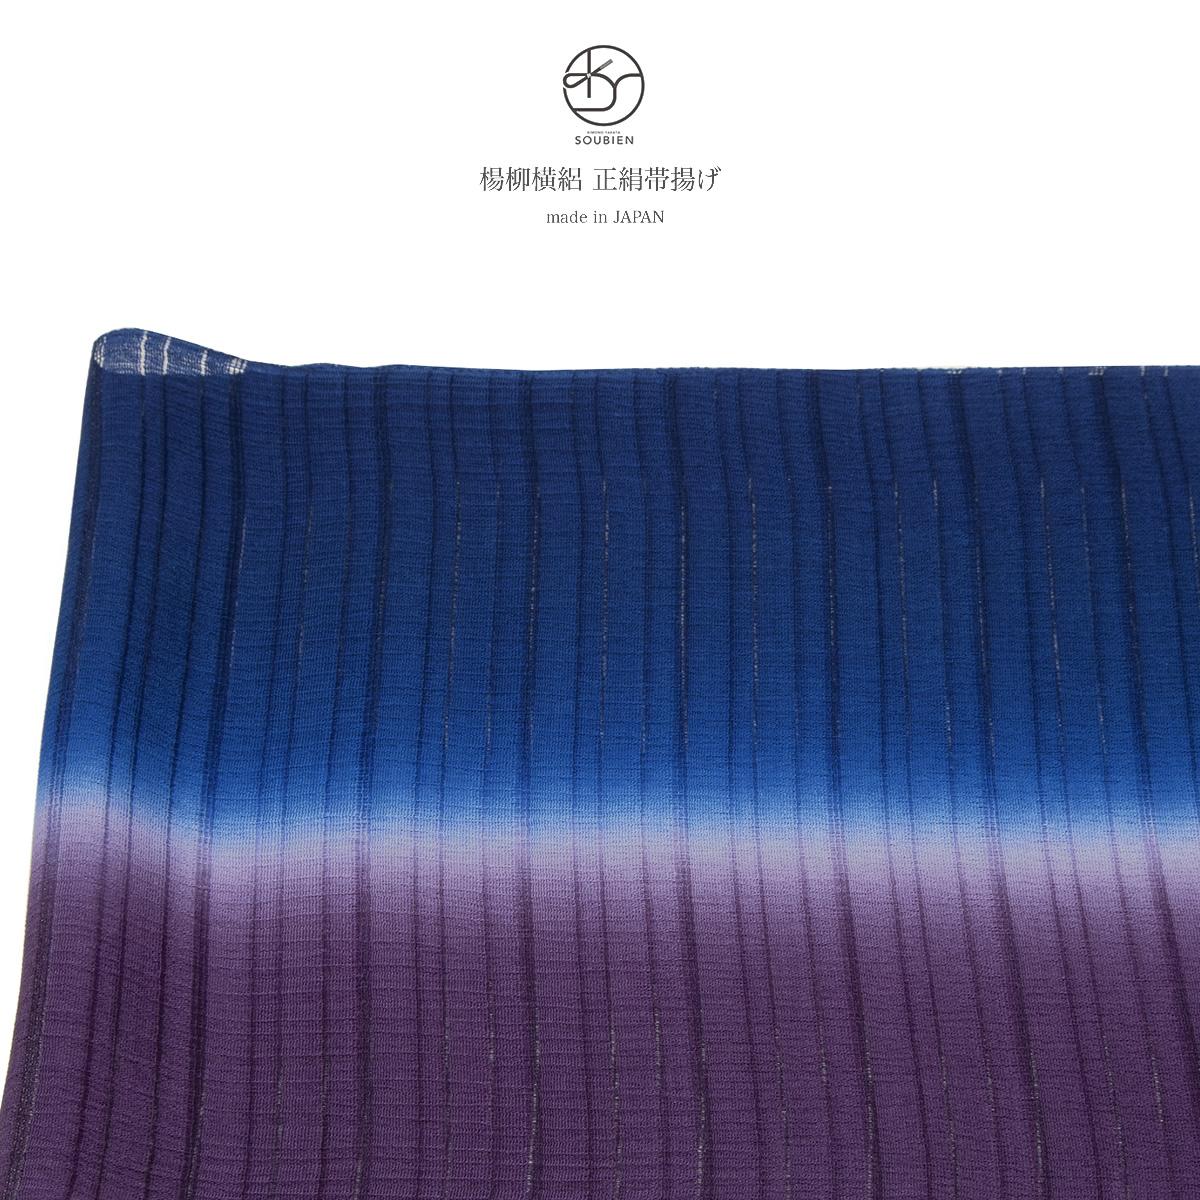 カジュアルの着物を華やかに彩る正絹の帯揚げ